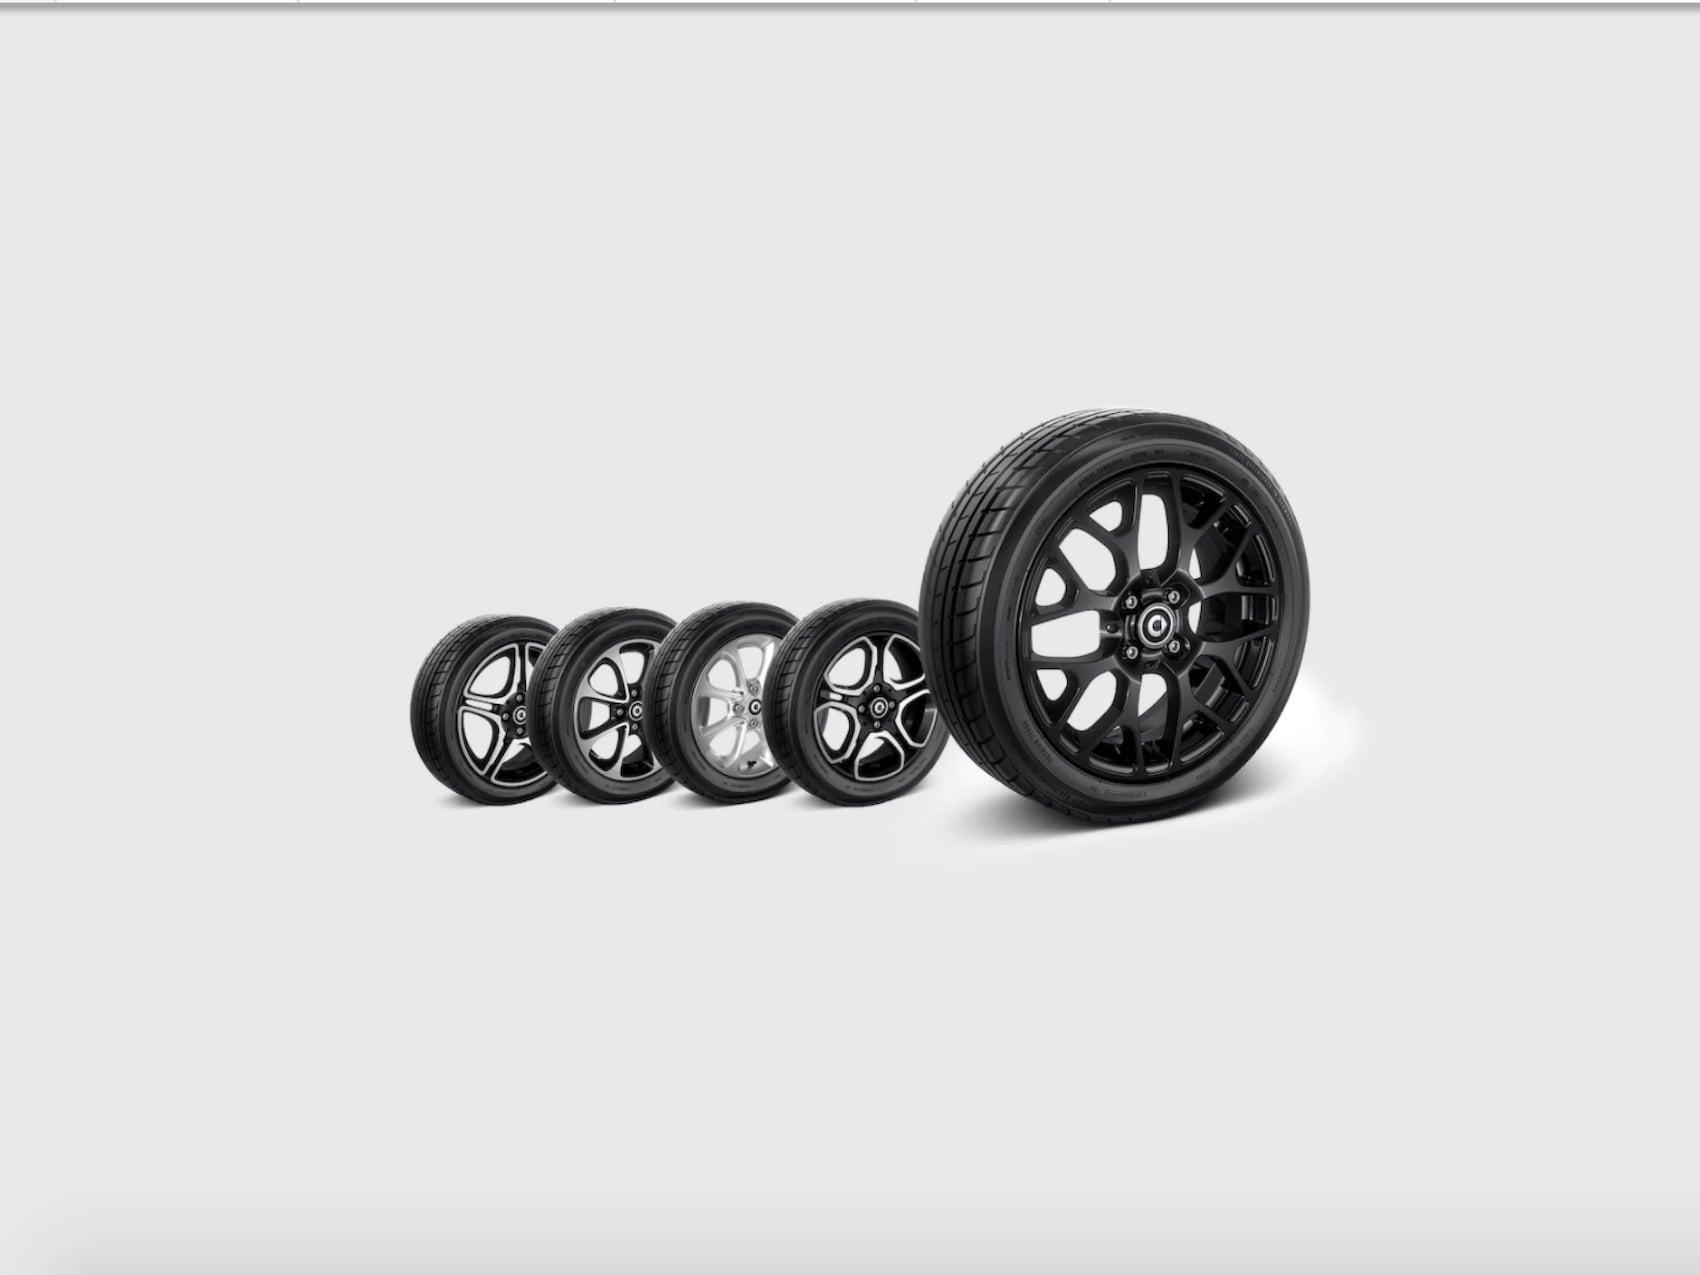 Zulässige Rad-/Reifenkombinationen für den smart fortwo (Coupé)